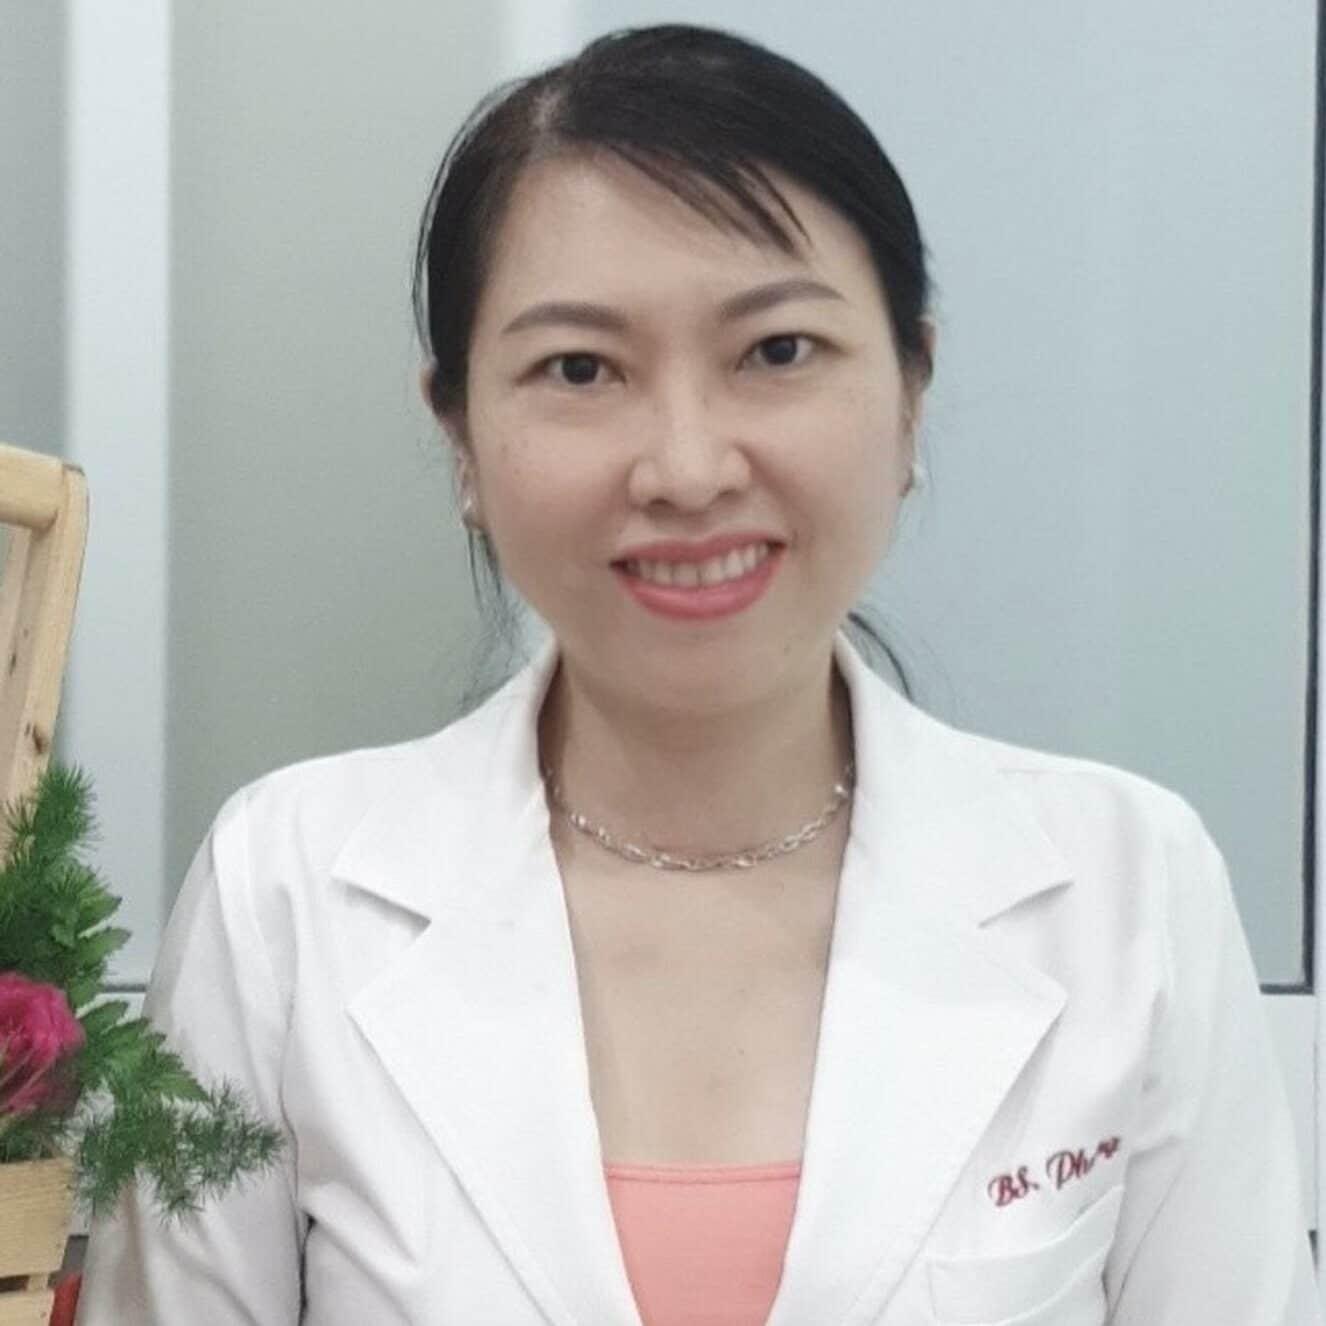 Bác sĩ Chuyên khoa II NGUYỄN NGỌC MINH PHƯƠNG